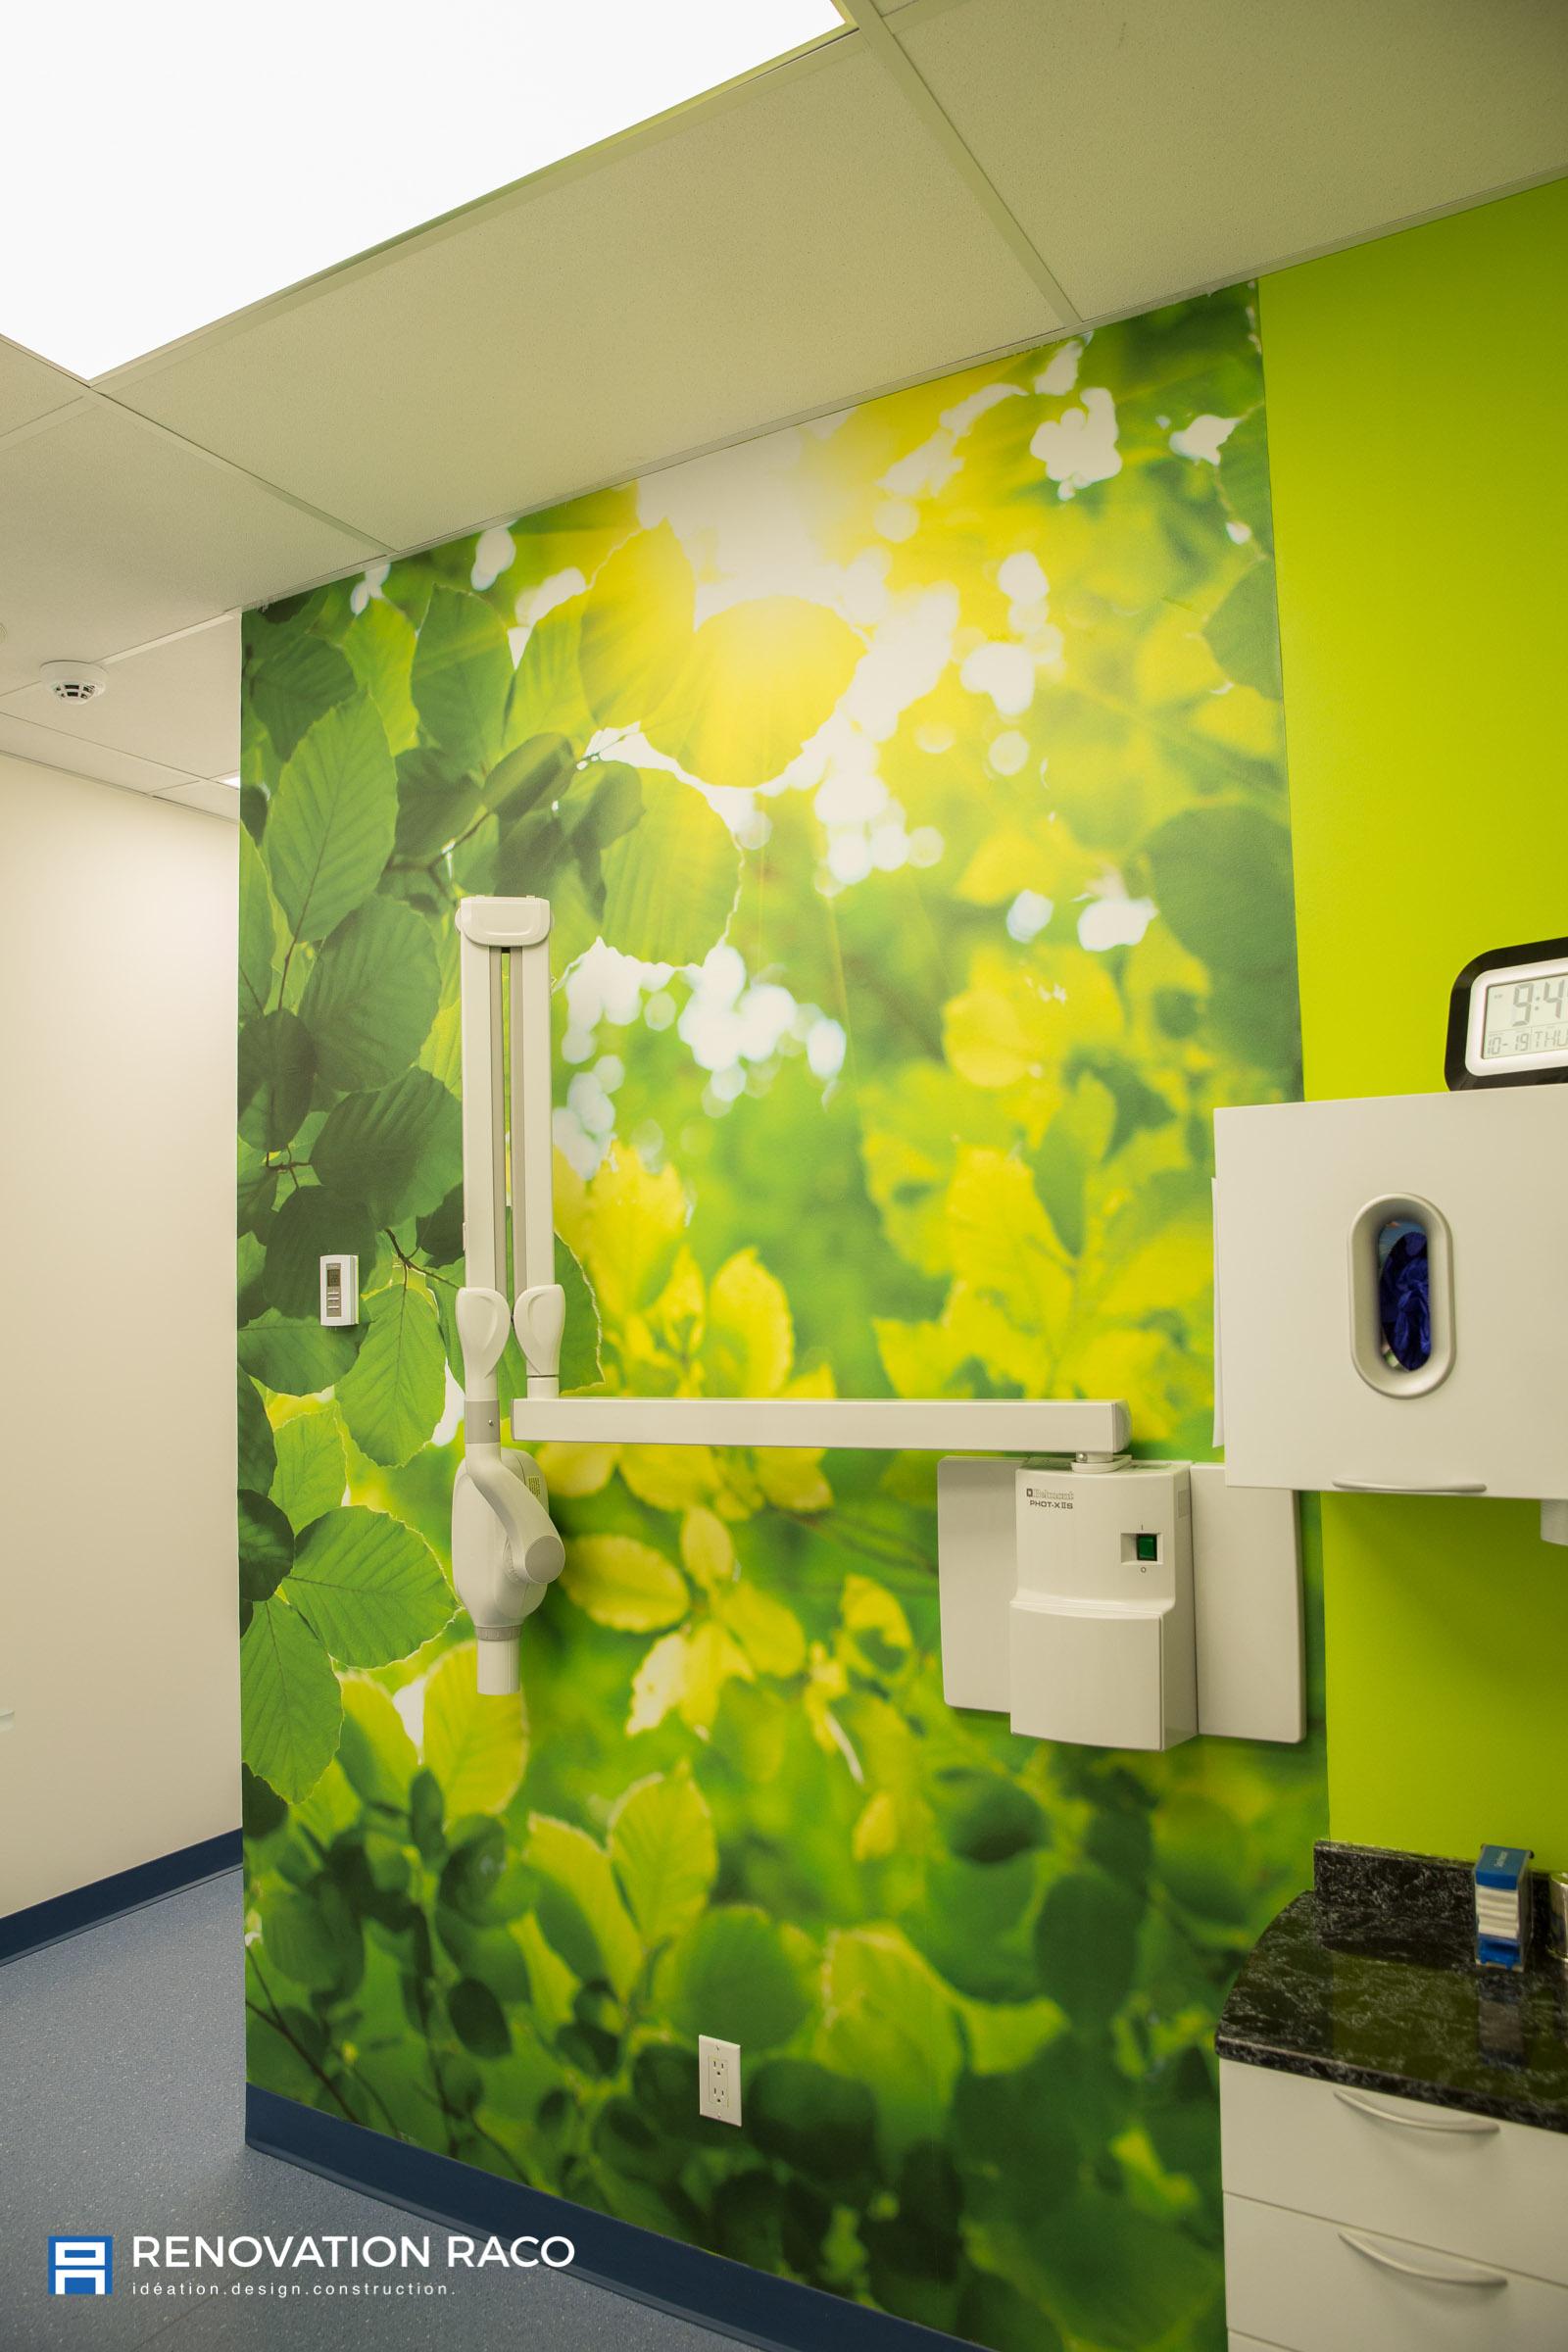 Renovation-Raco-Montreal-clinique Beydoun-08.jpg